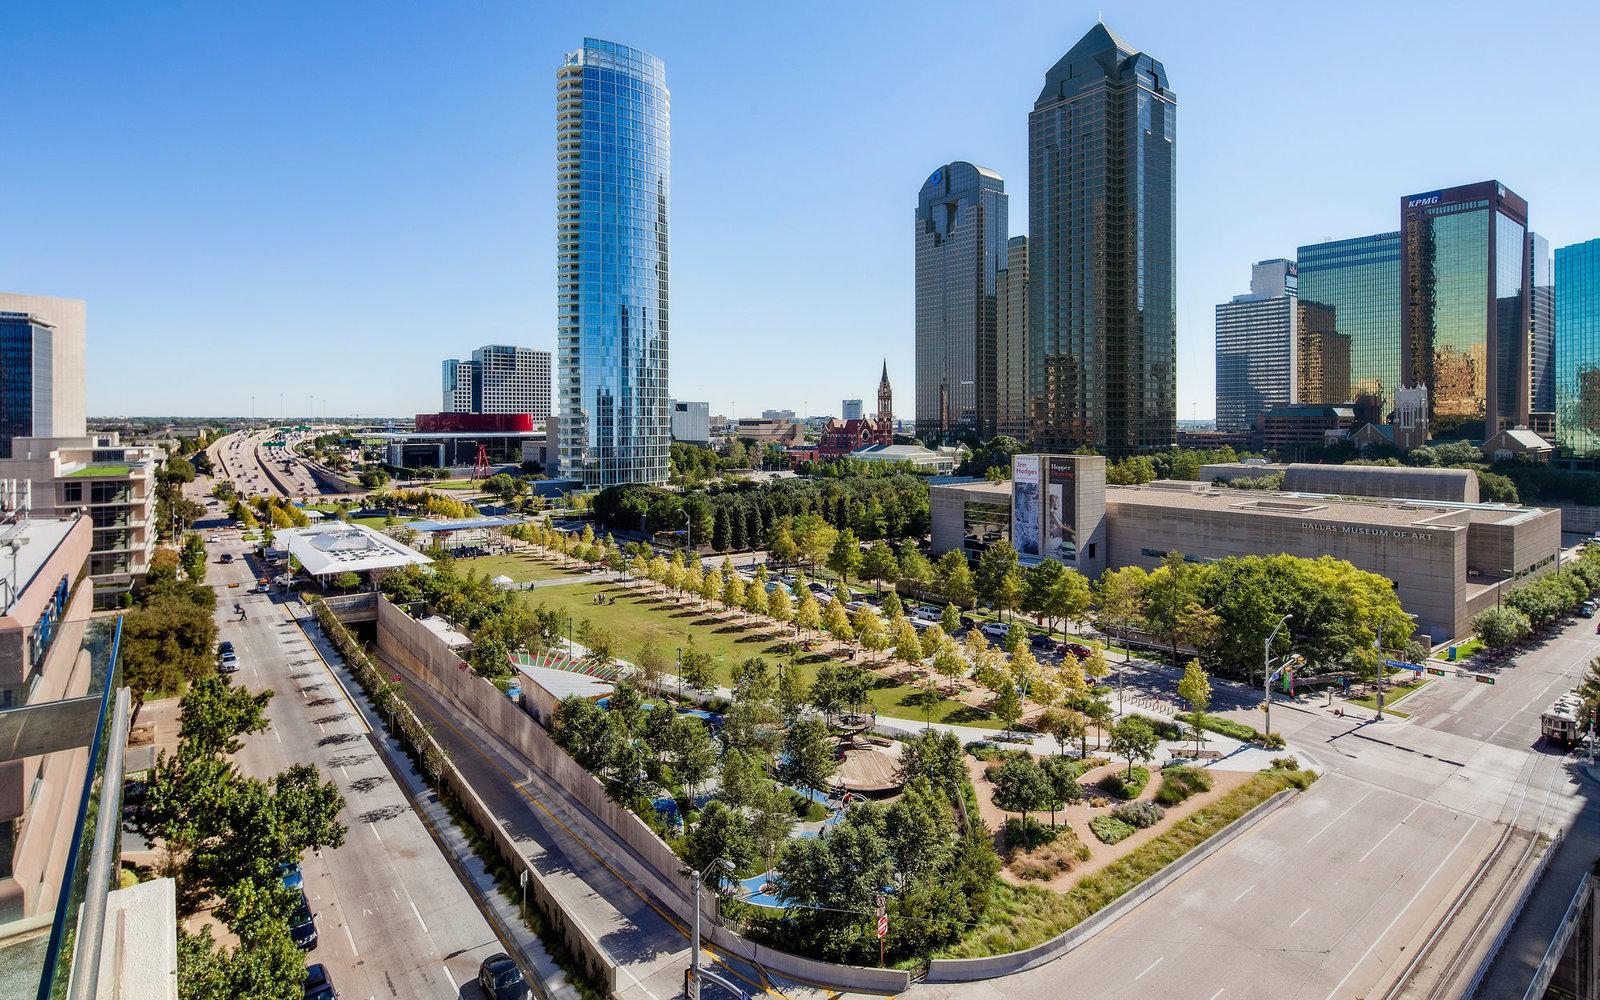 西雅圖丶波特蘭和達拉斯的房價在 20 個城市中,年增率漲幅最大。圖為達拉斯。